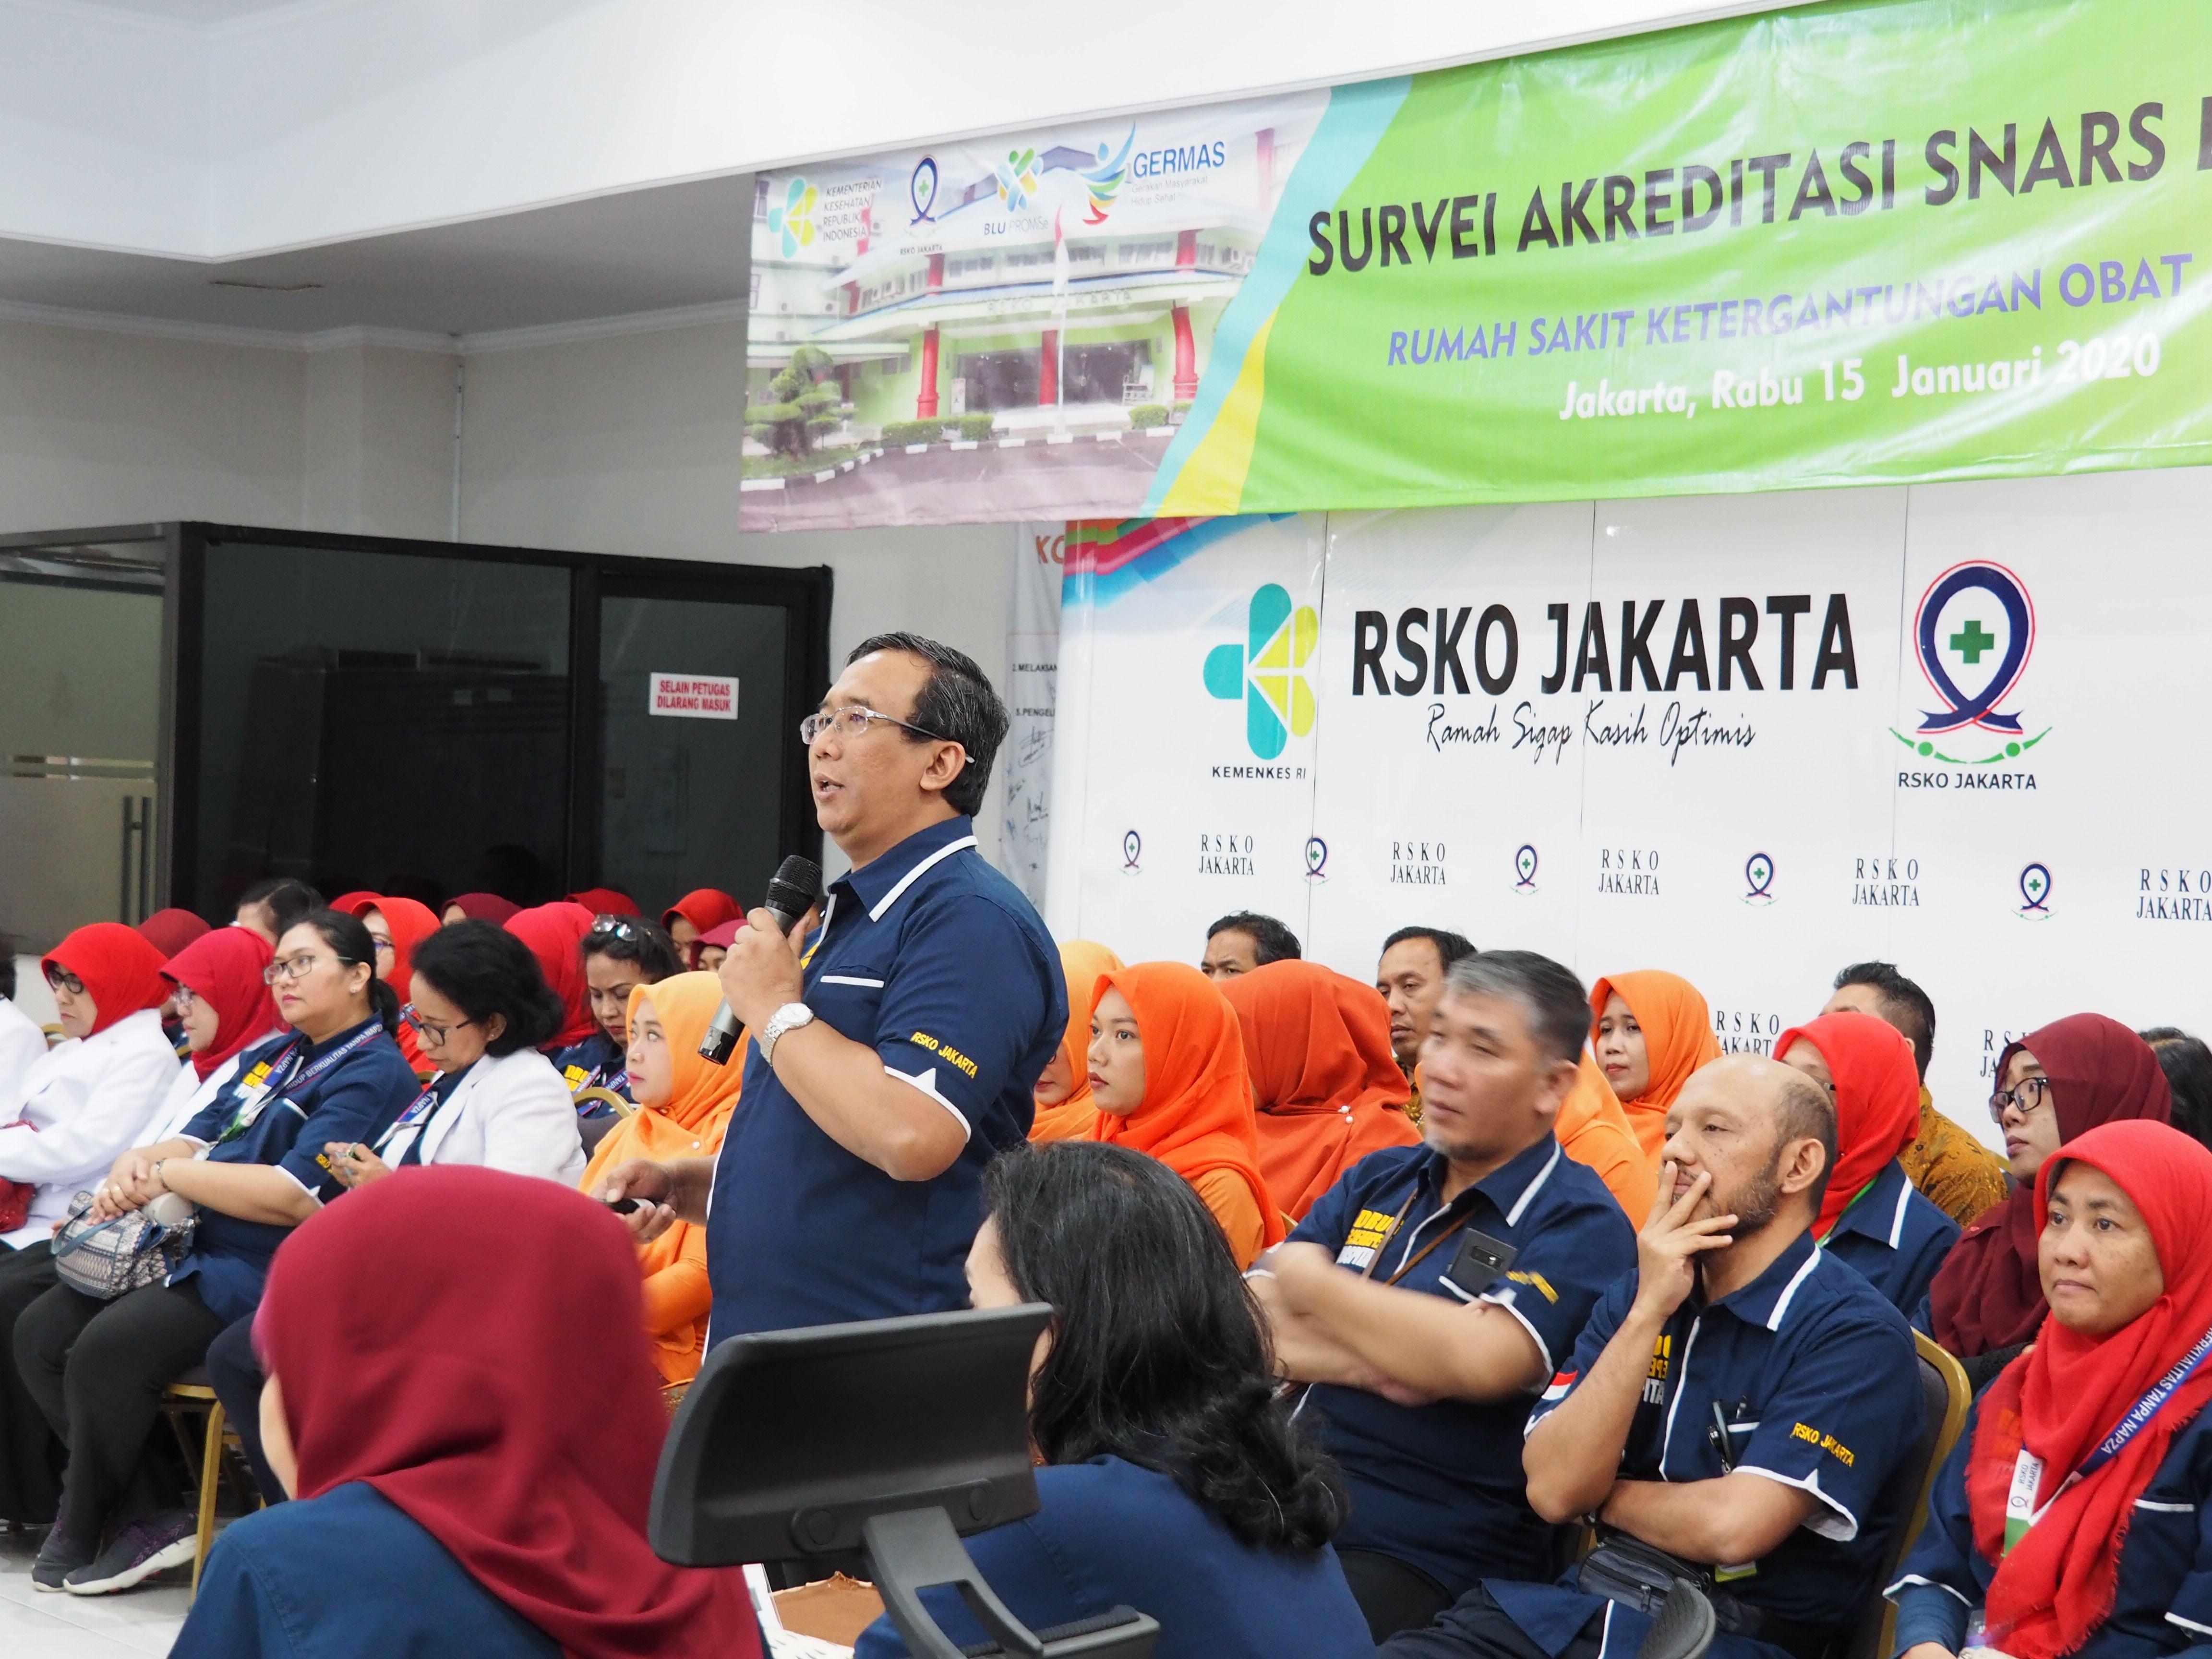 Deskripsi : Dirut RSKO Jakarta memeberikan paparan mengenai seluk beluk RSKO Jakarta kepada Survior KARS dan ASN yang hadir I Sumber Foto : dokpri